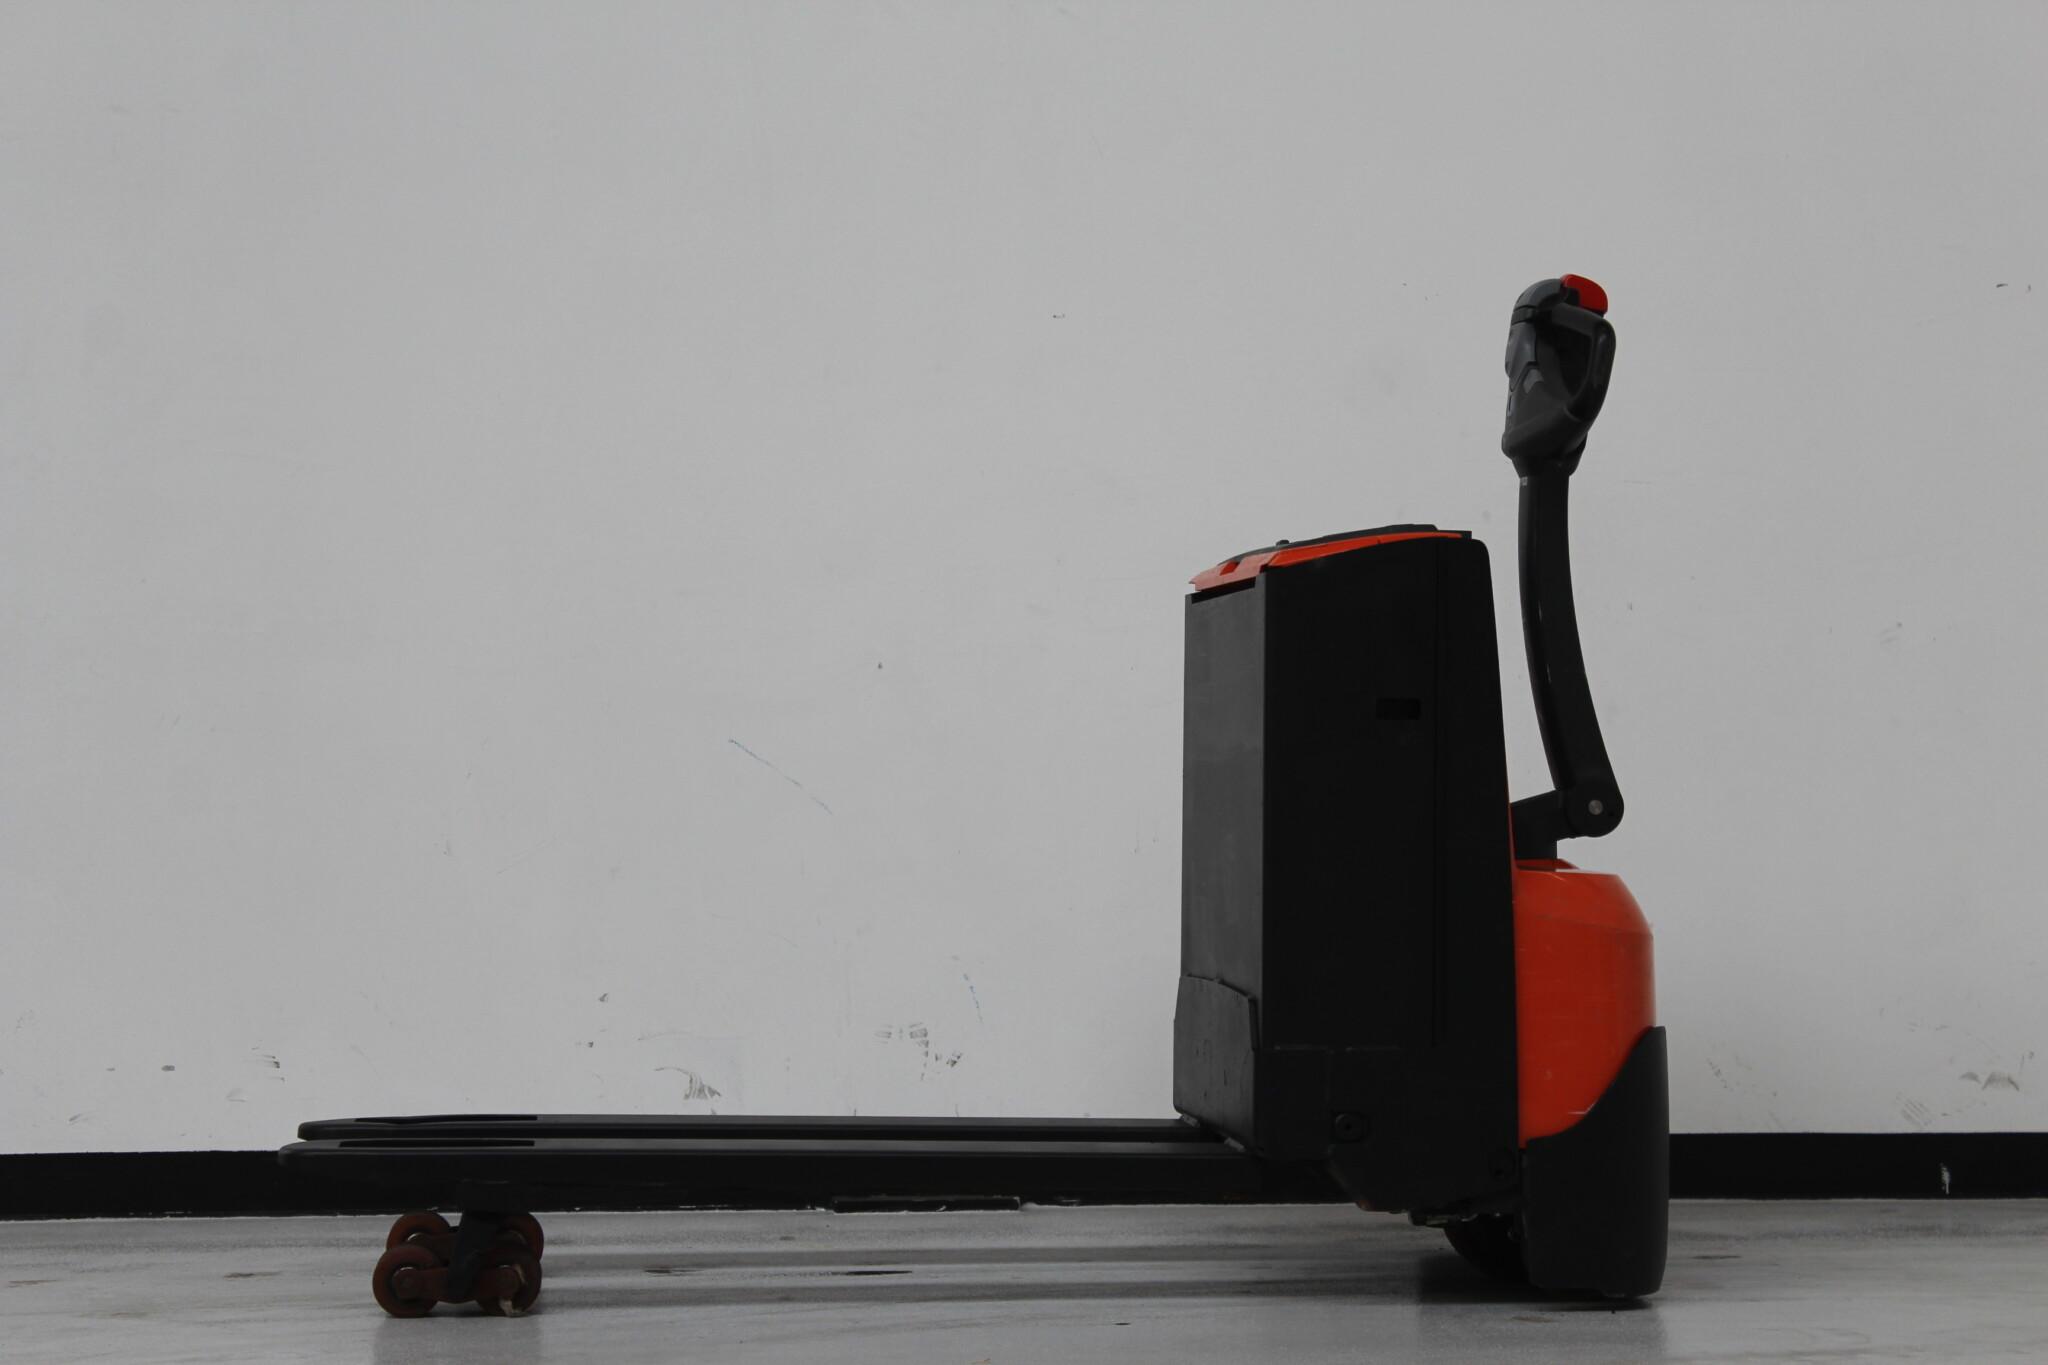 Toyota-Gabelstapler-59840 1802004831 1 scaled